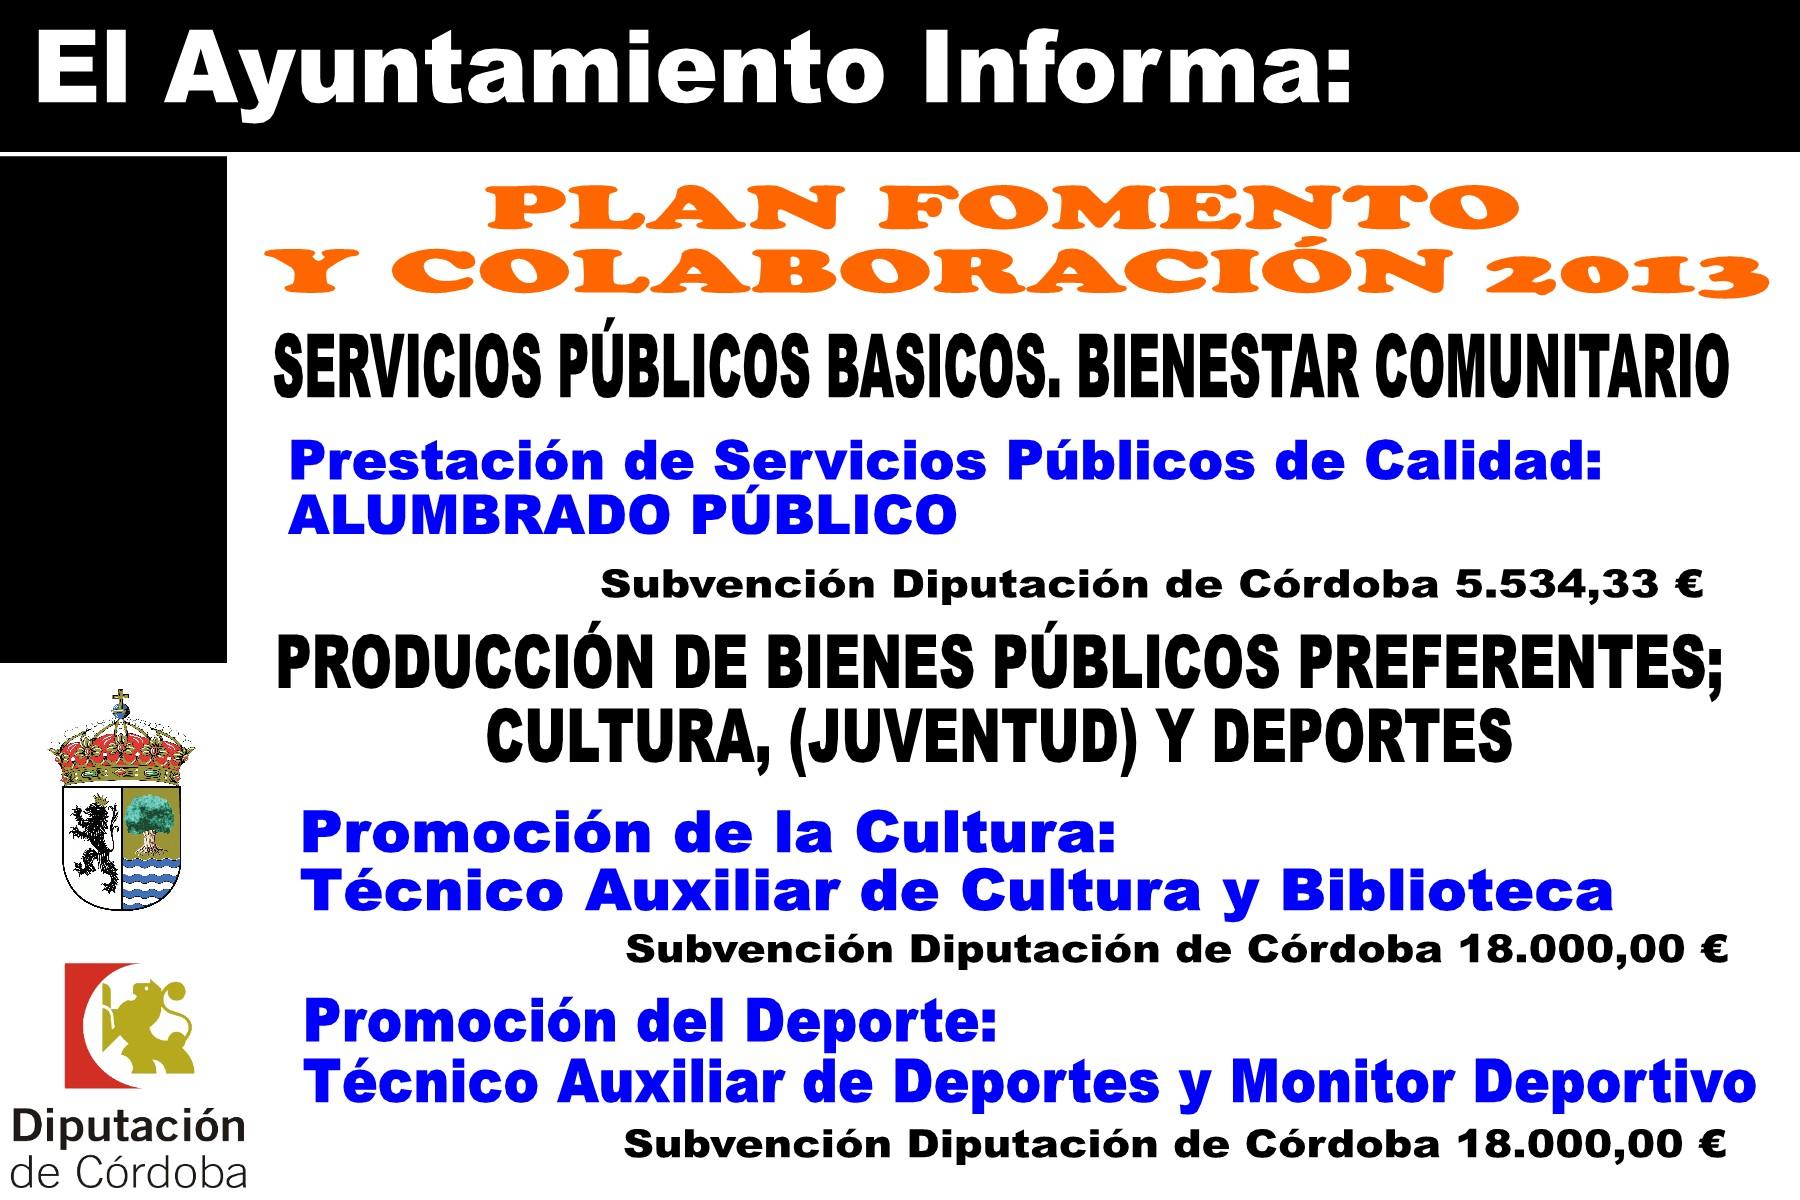 SUBVENCIONES RECIBIDAS 2013 2